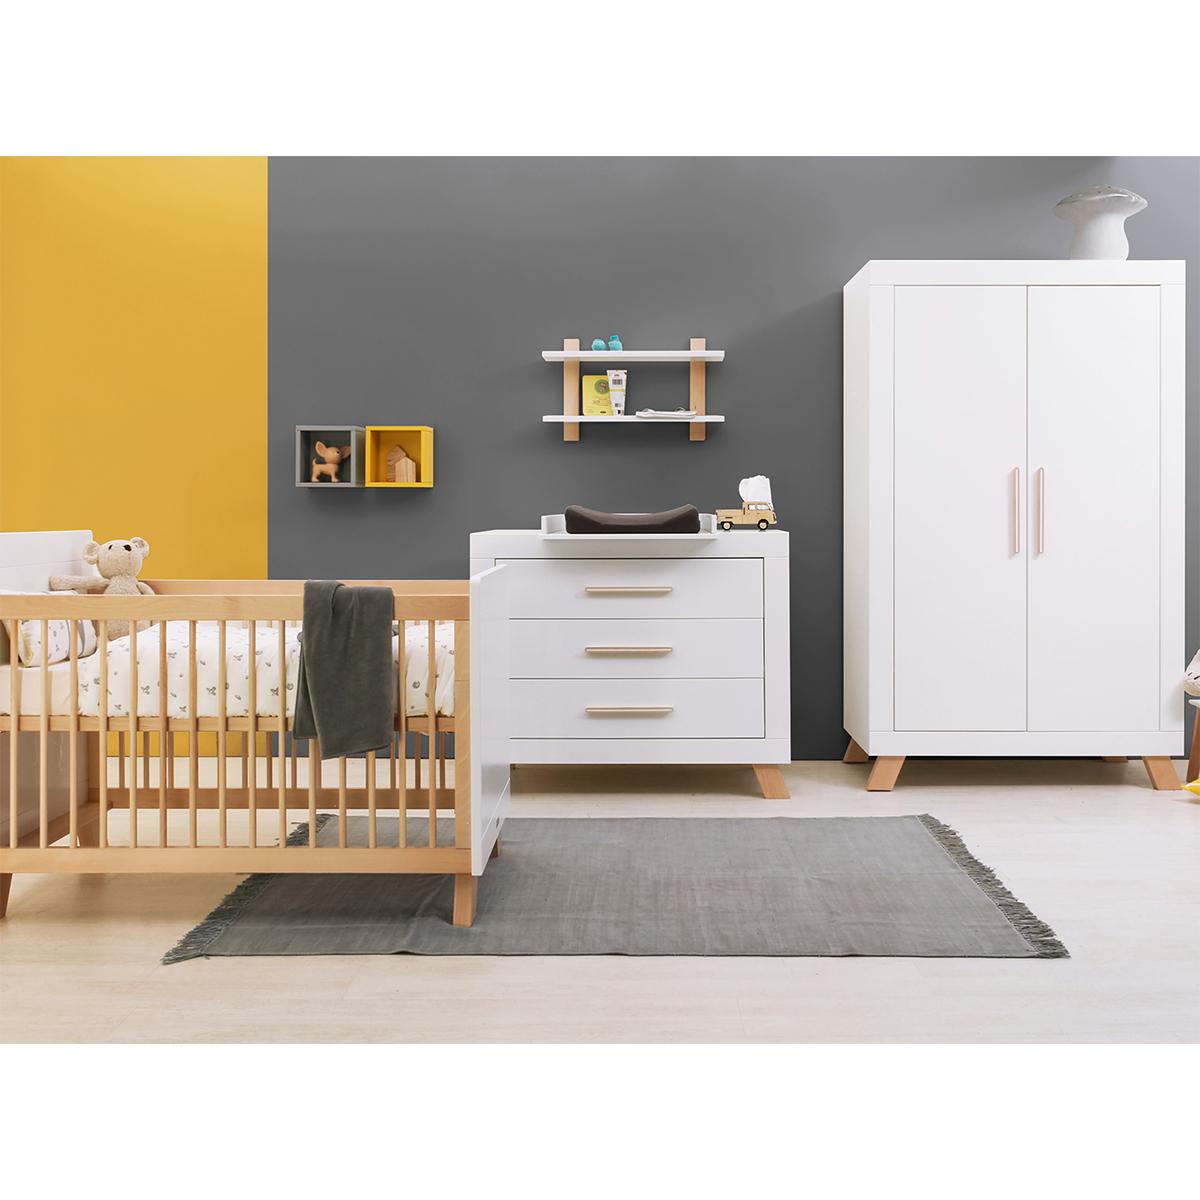 Chambre complète lit bébé 60x120 - commode à langer - armoire 2 portes Bopita Lisa - Blanc et Naturel